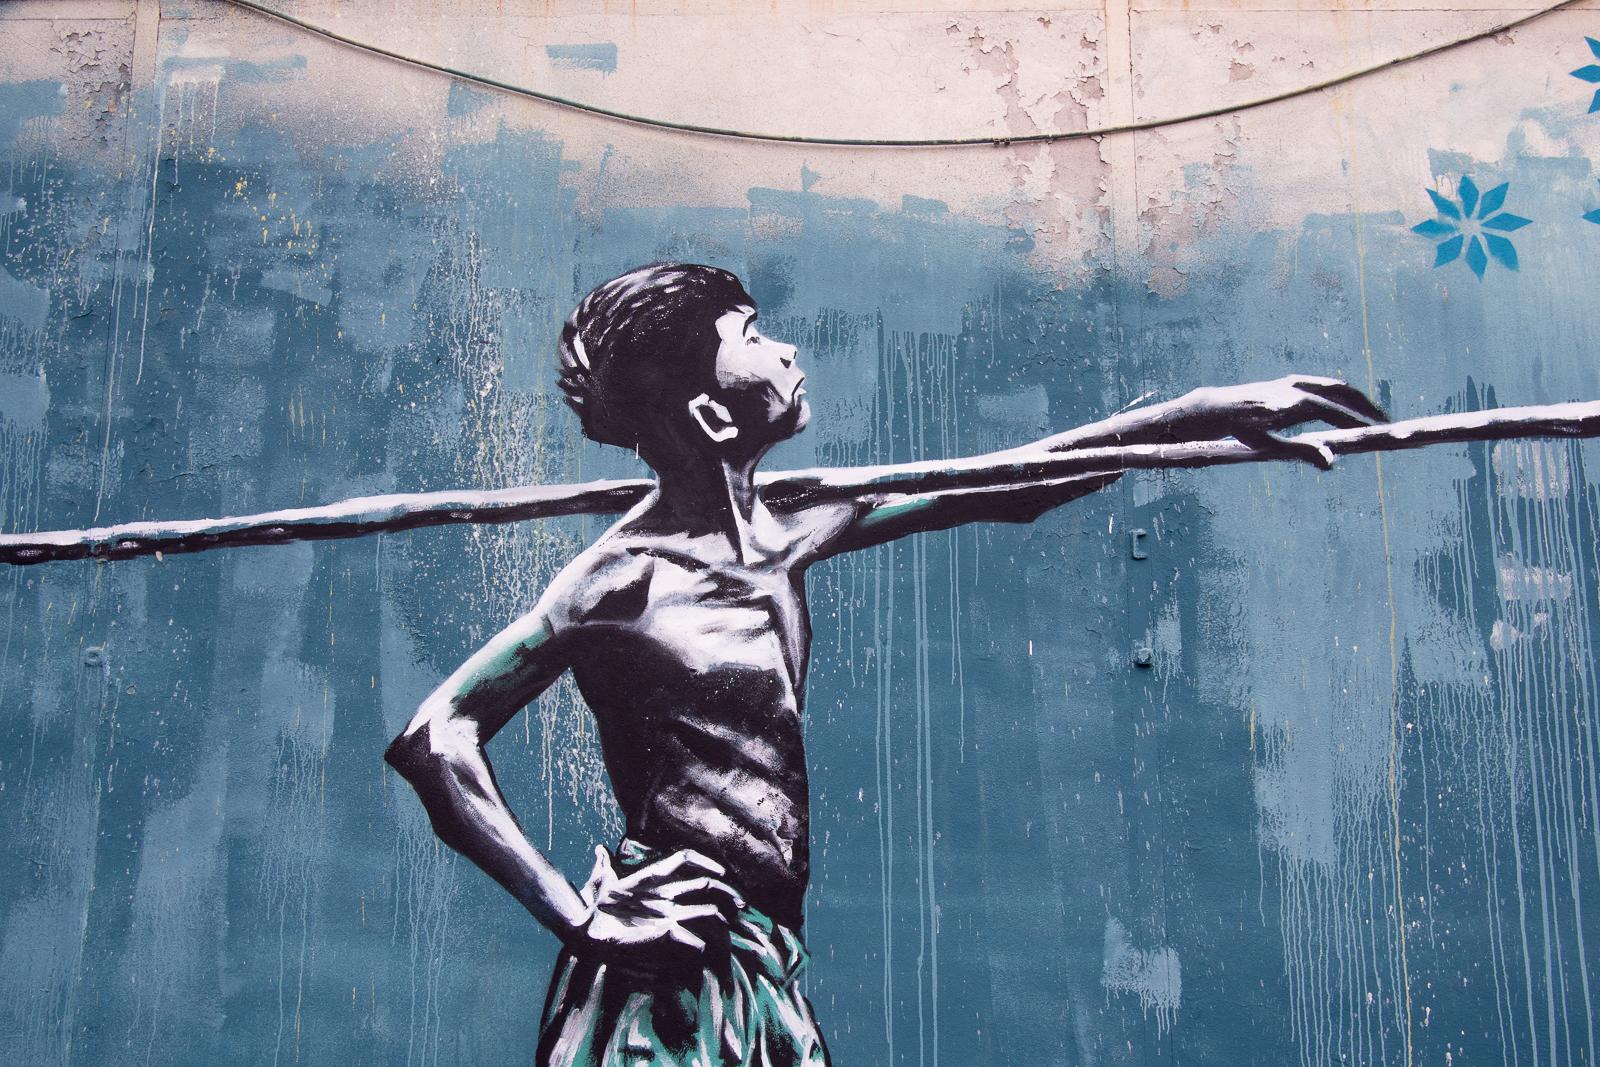 Mateo _ Égalité - Murale Paris Le Bourget-2.jpg